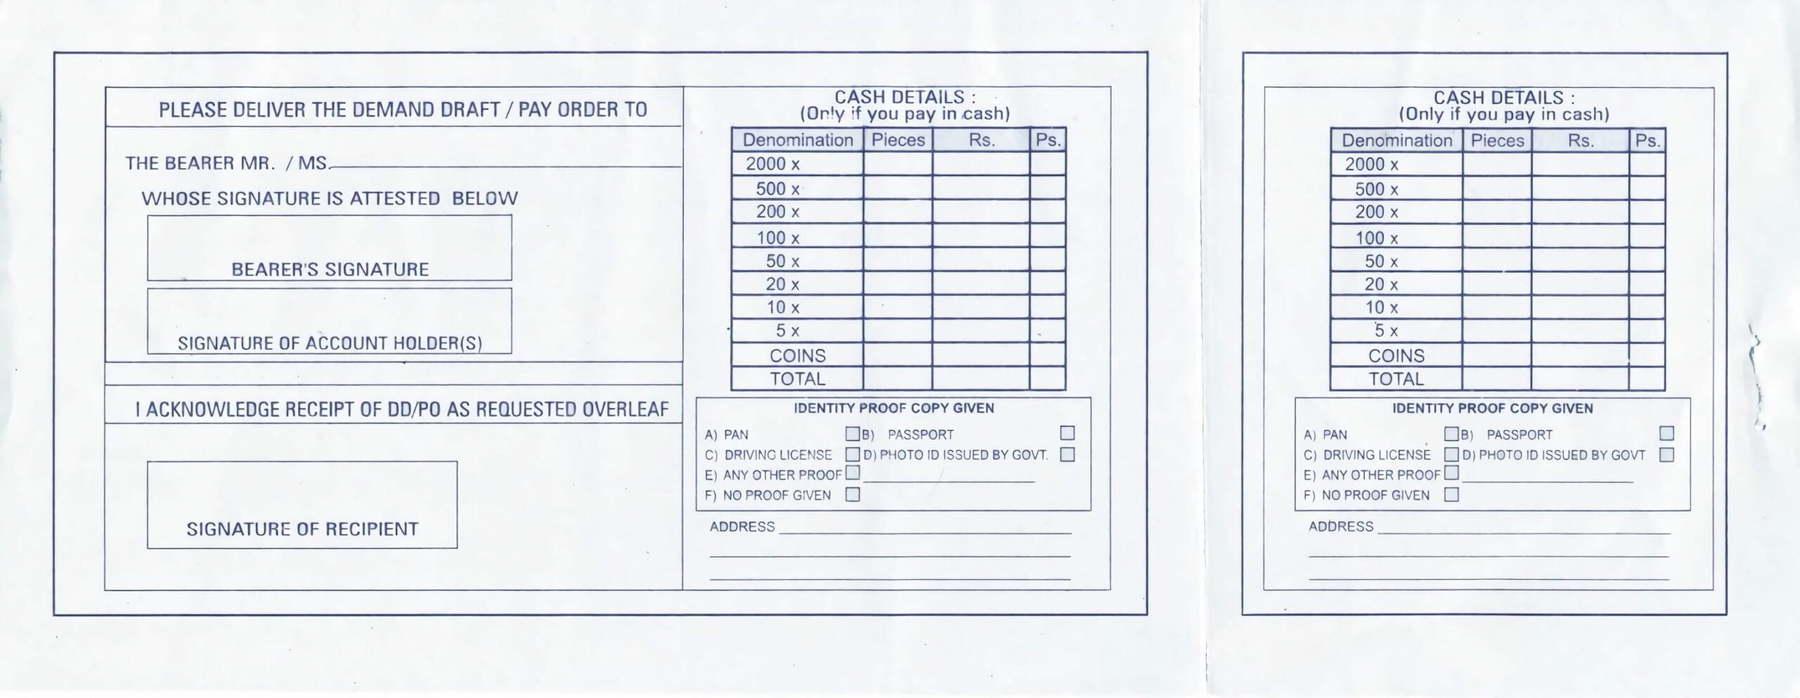 Sbi Bank Deposit Slip Download